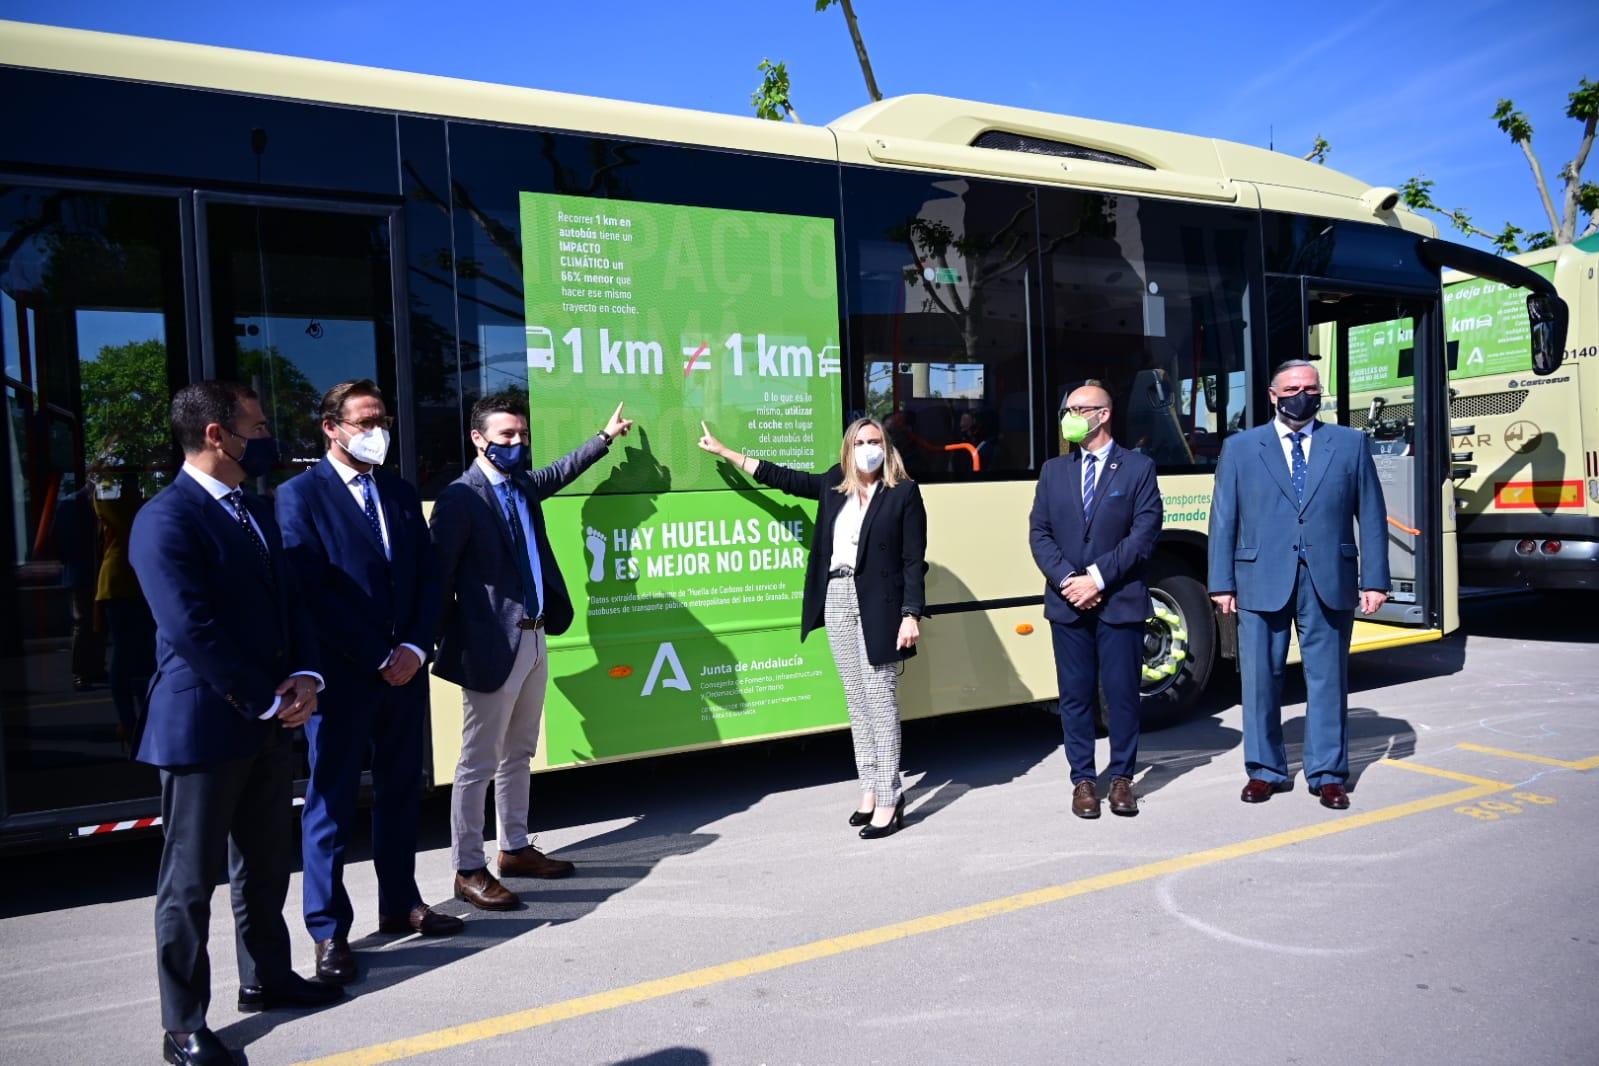 Inician una campaña para reducir emisiones con el uso del transporte público metropolitano